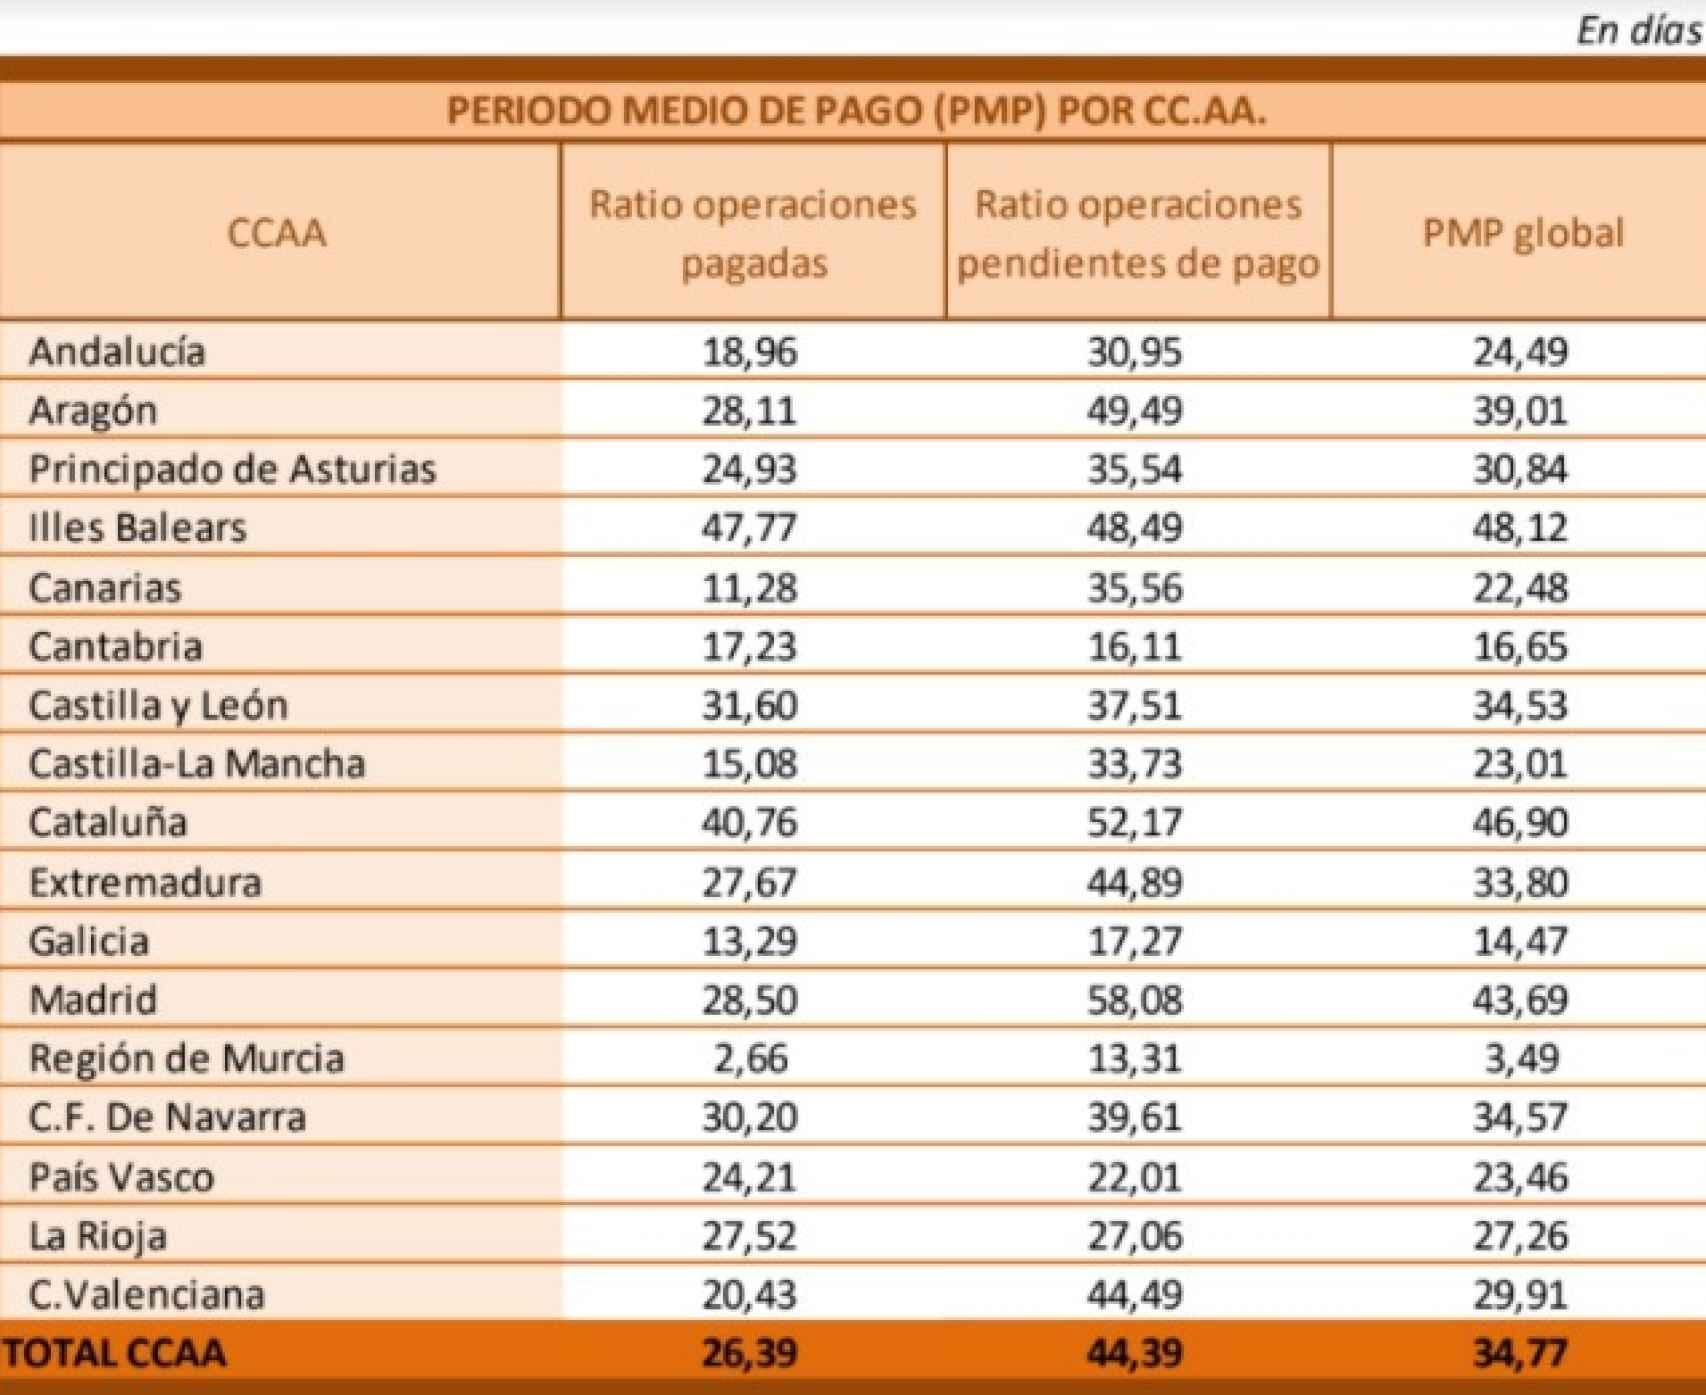 Periodo medio de pago a proveedores de las autonomías. Fuente: Ministerio de Hacienda.